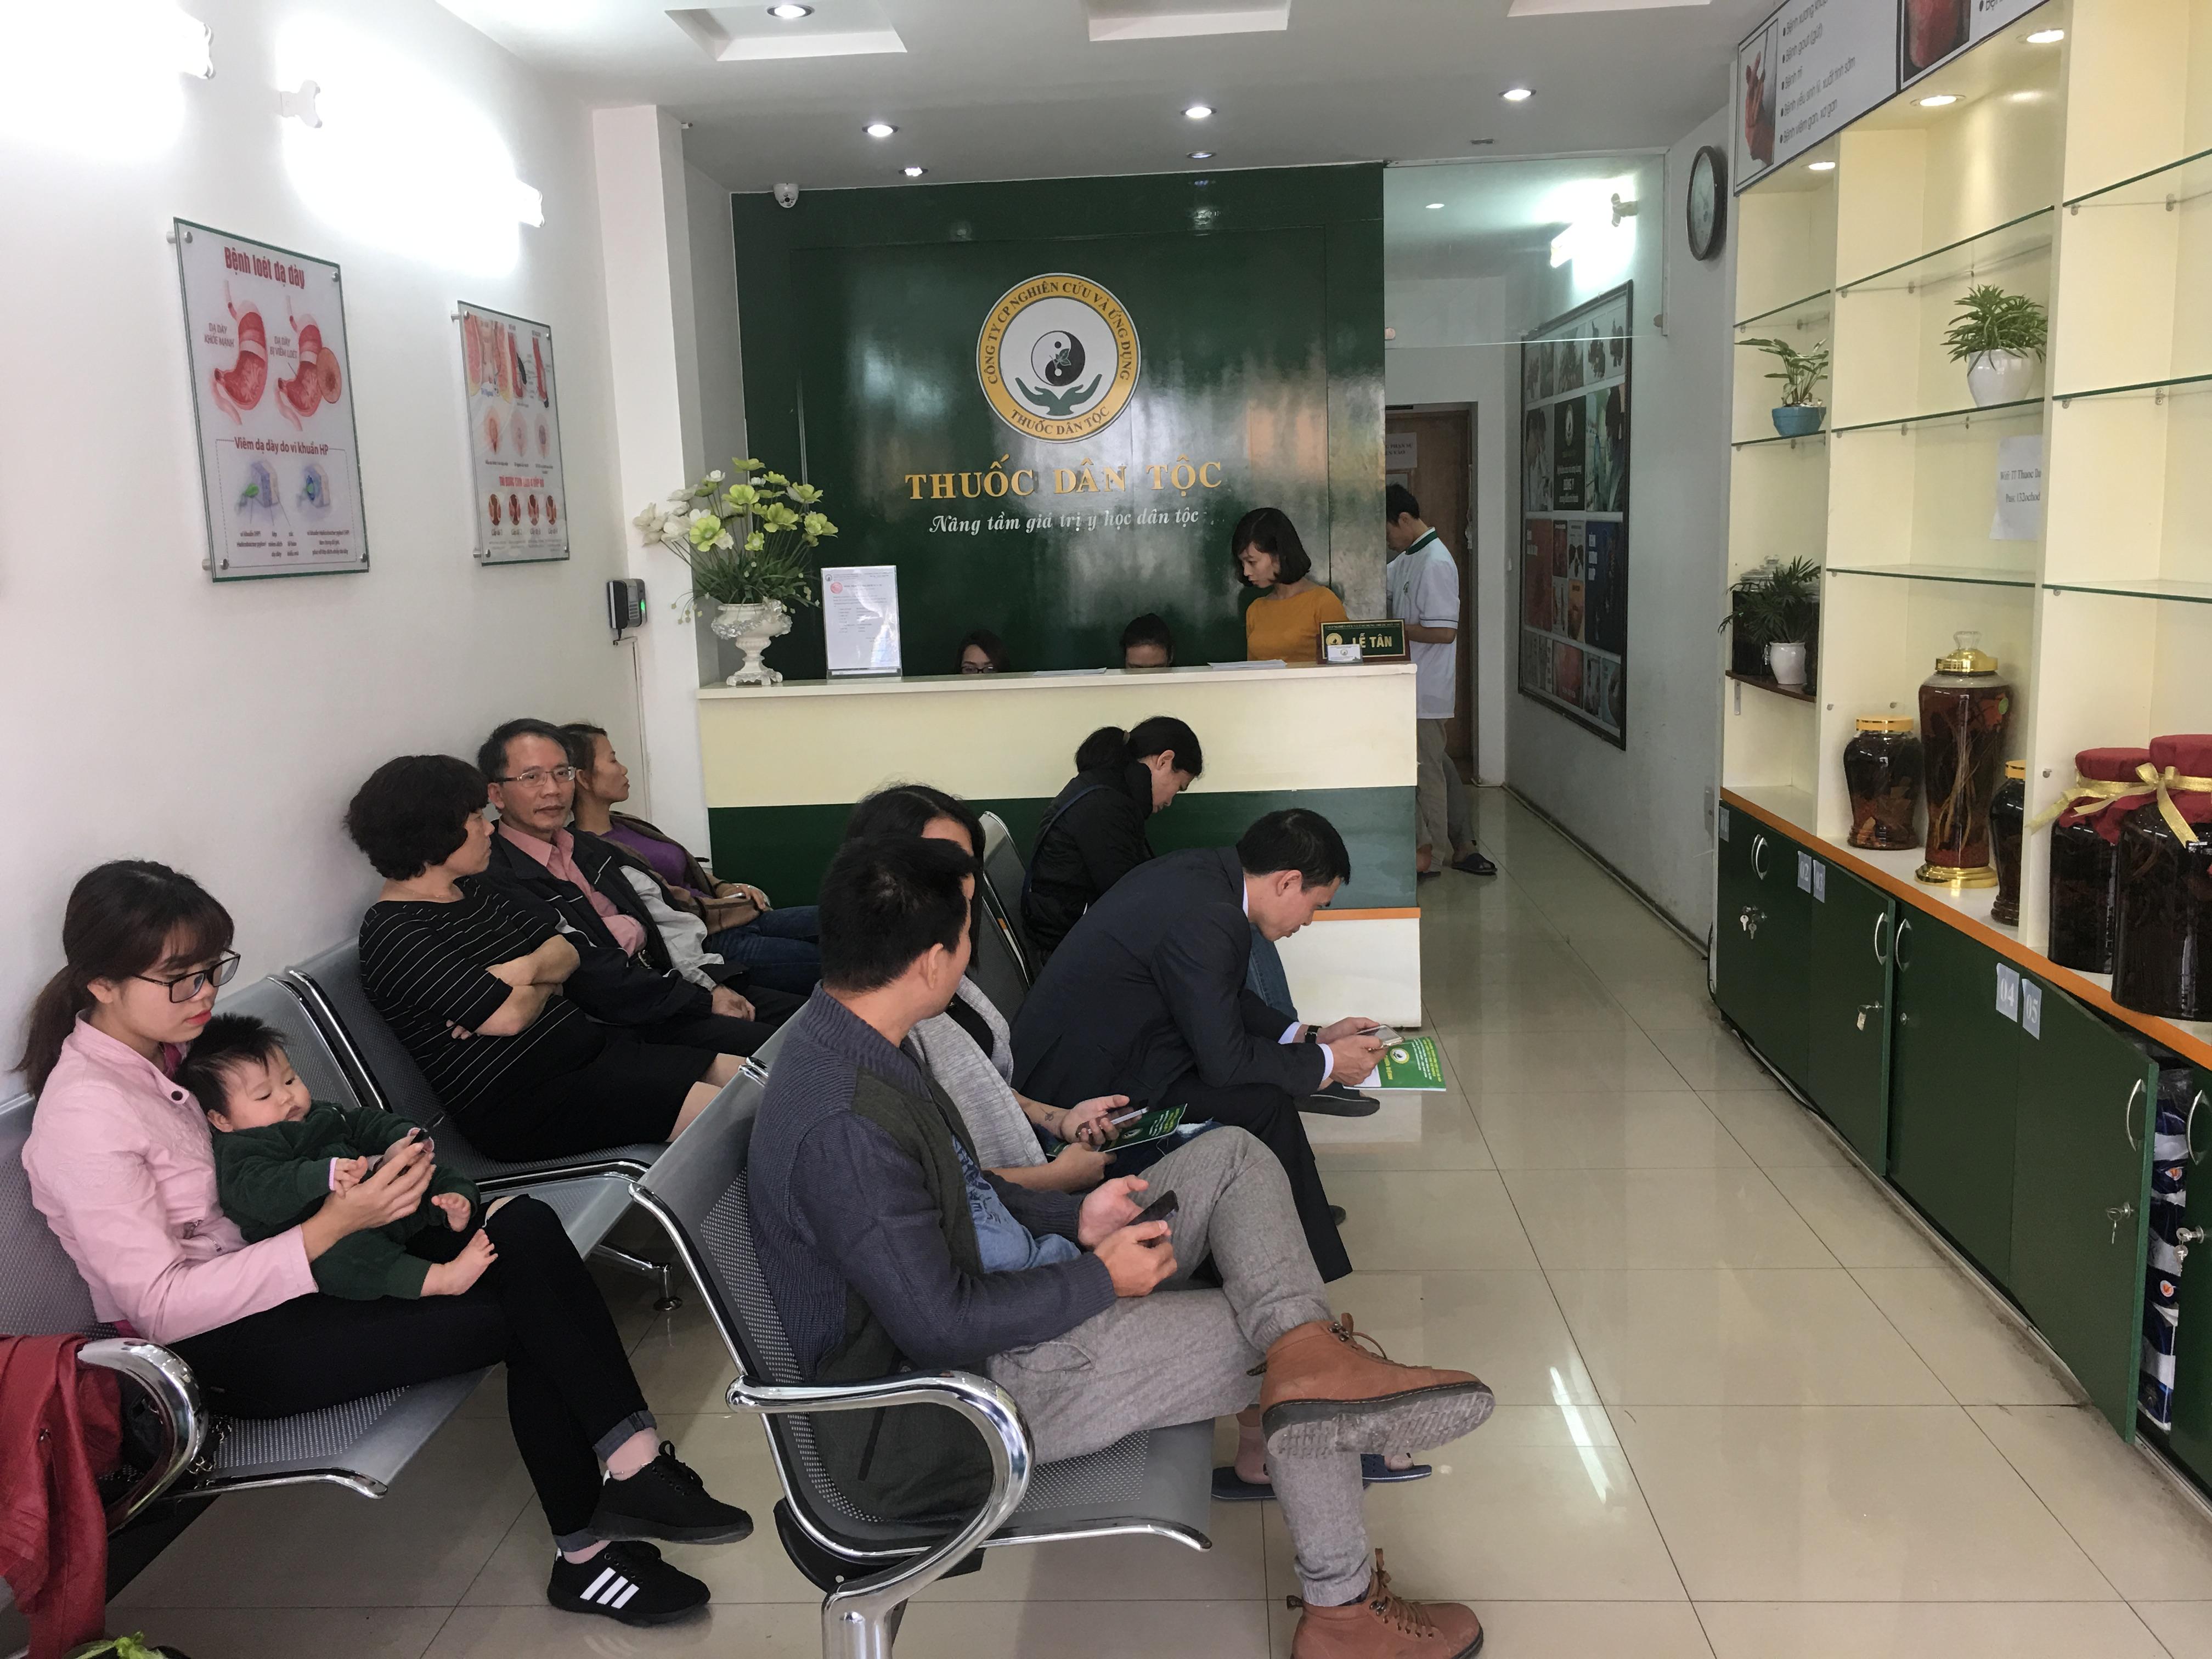 Từ rất sớm, đông đảo bệnh nhân đã tìm đến Trung tâm Nghiên cứu và Ứng dụng thuốc dân tộc để chờ thăm khám.